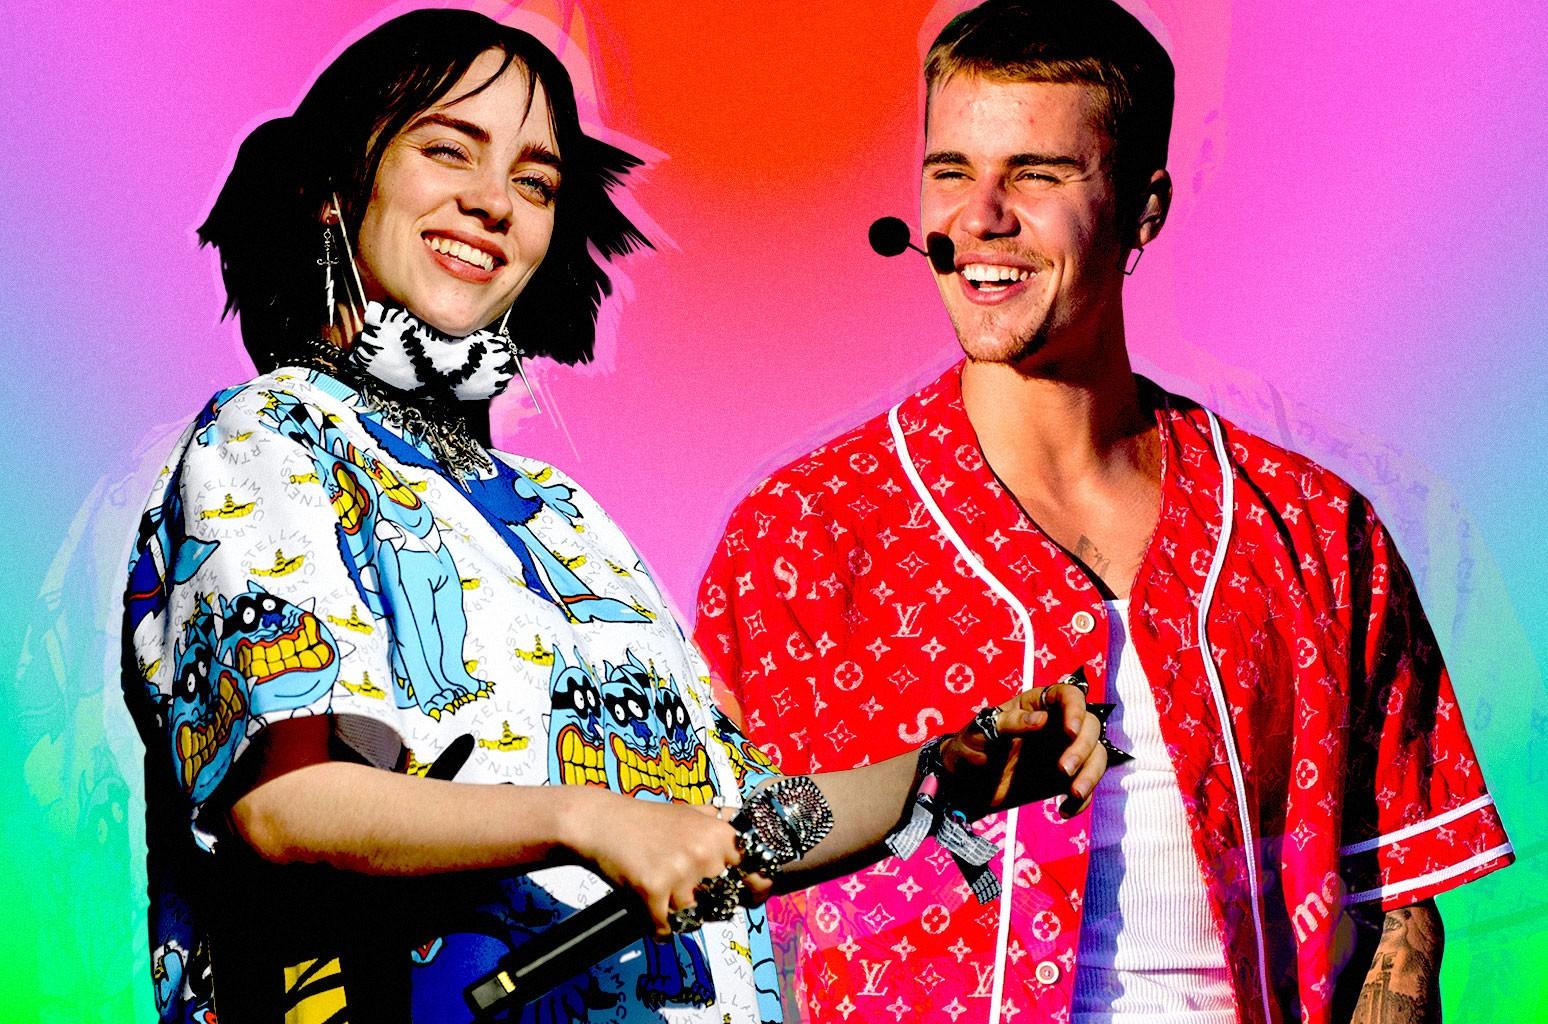 Billie Eilish and Justin Bieber